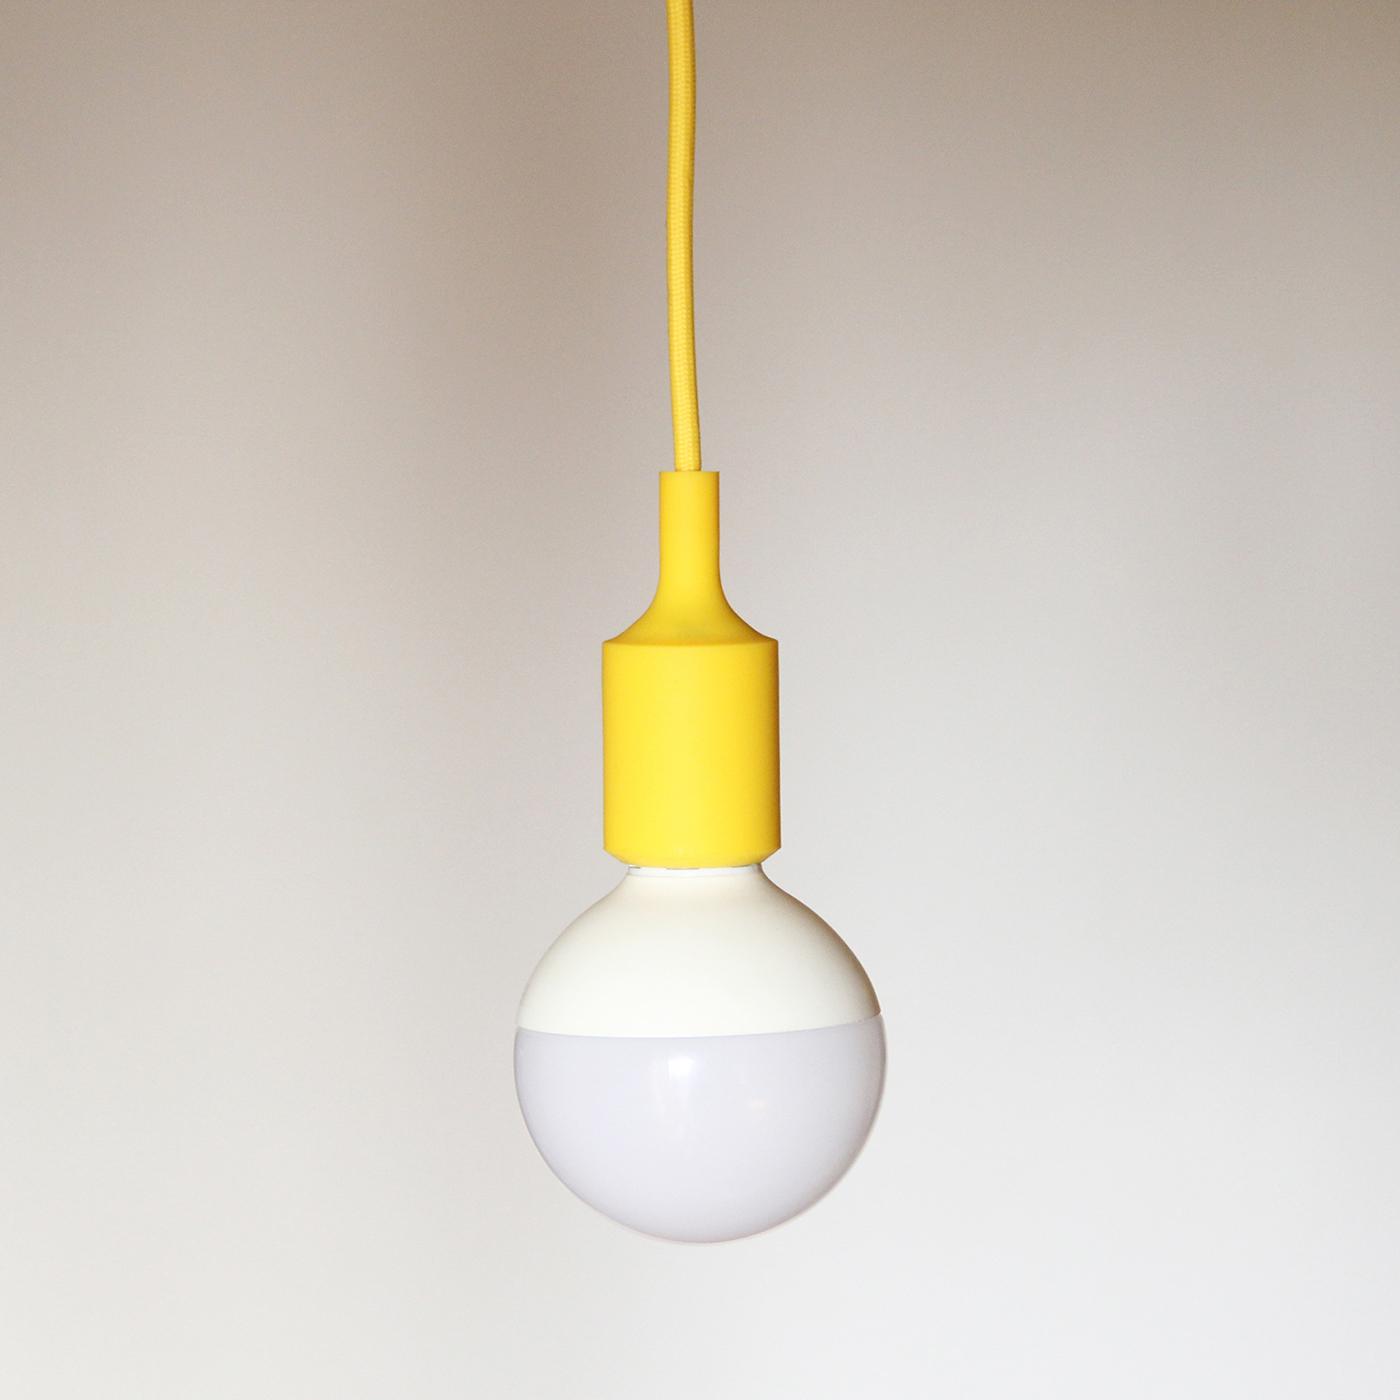 Colección Kit minimal: Cable téxtil, portalámparas de silicona y florón de colores